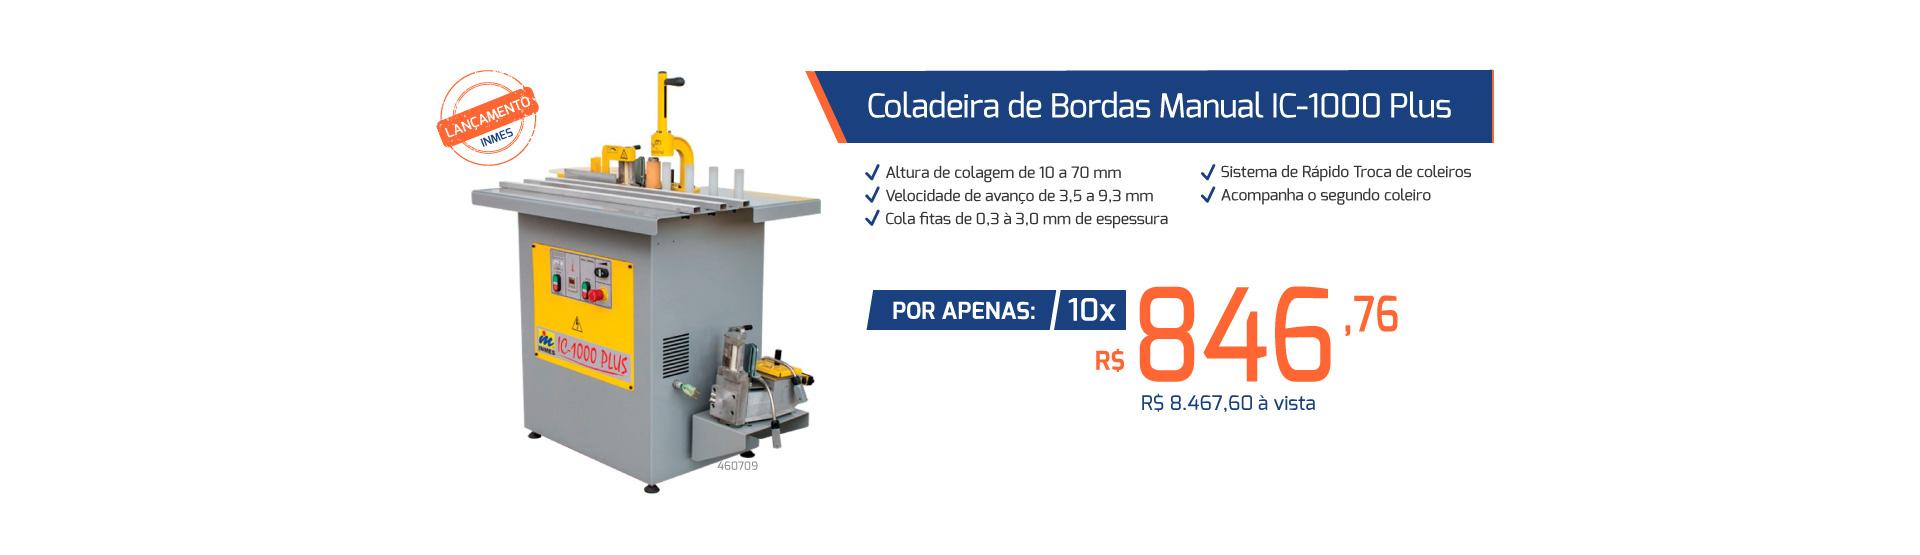 Coladeira IC-1000 plus